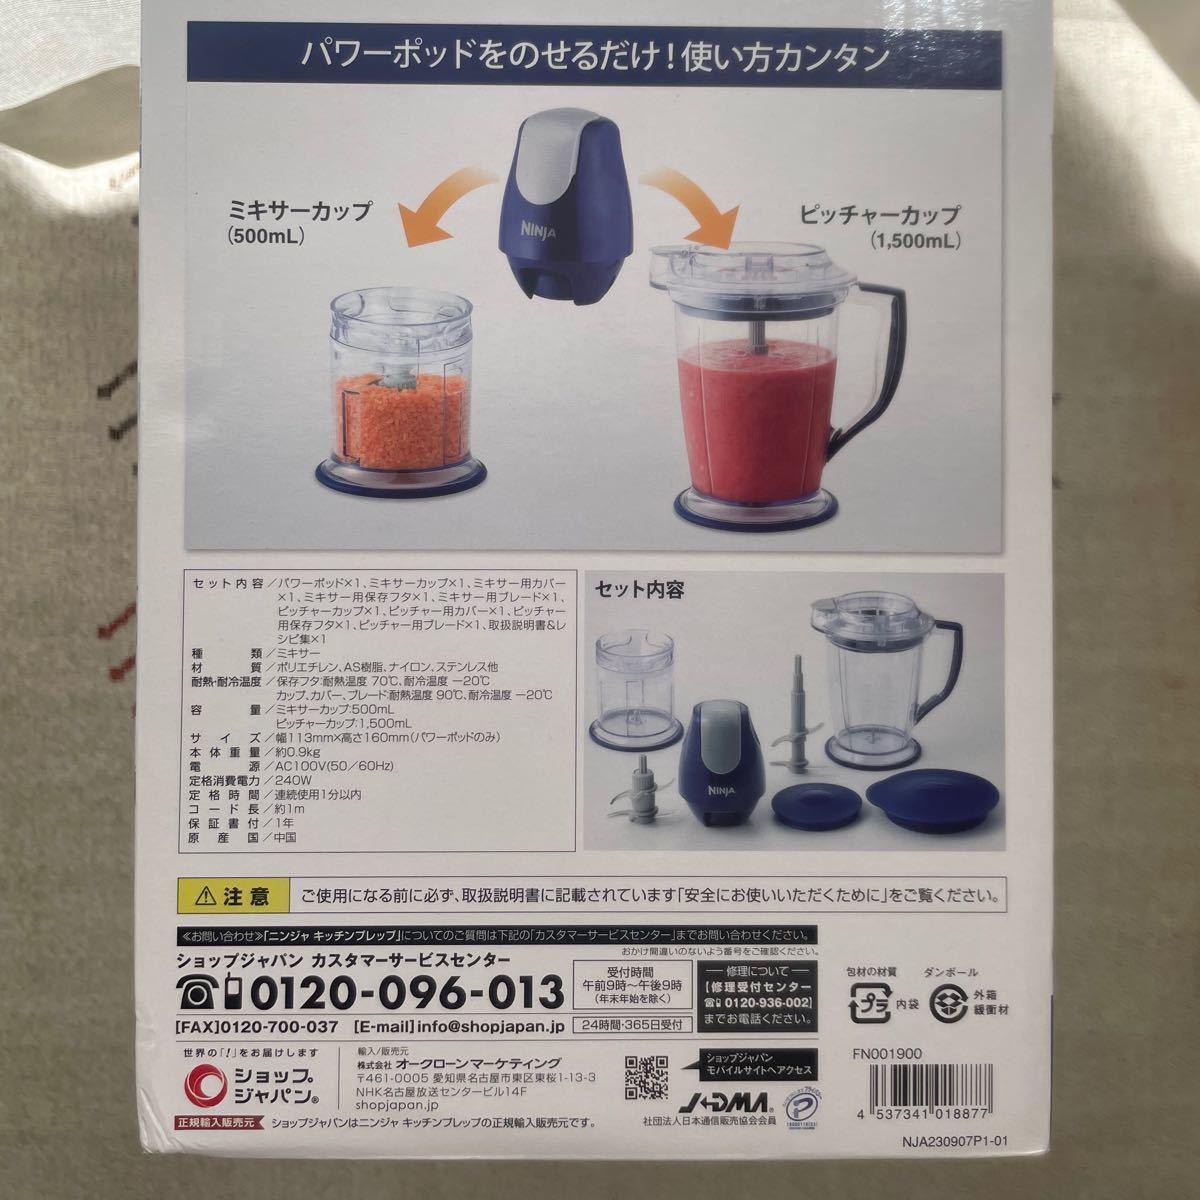 【フードプロセッサー】ニンジャ Ninja ショップジャパン 未使用新品 未開封品